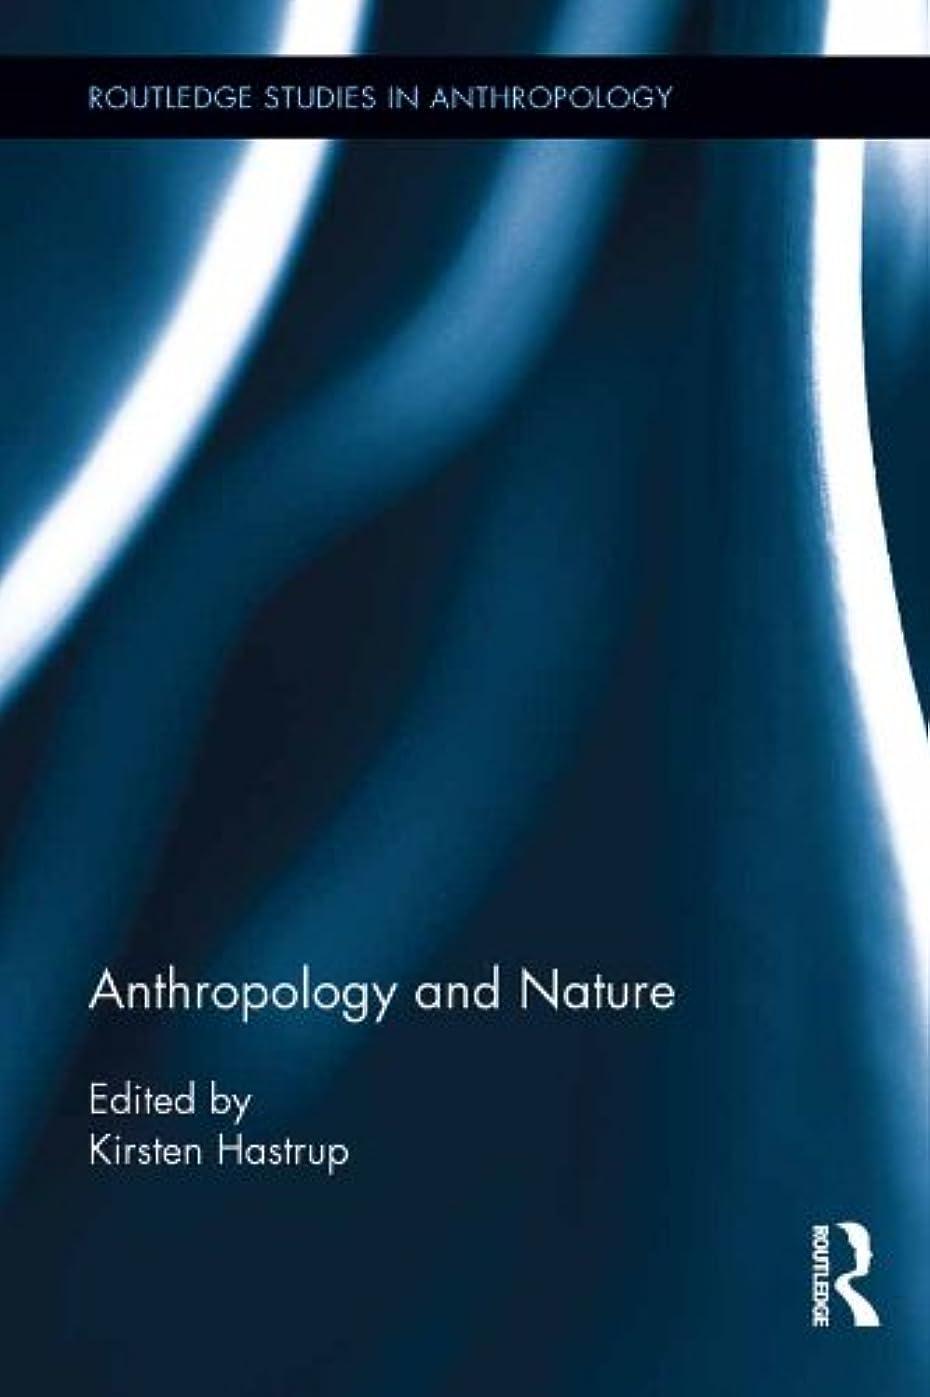 機動セットアップ処理Anthropology and Nature (Routledge Studies in Anthropology Book 14) (English Edition)